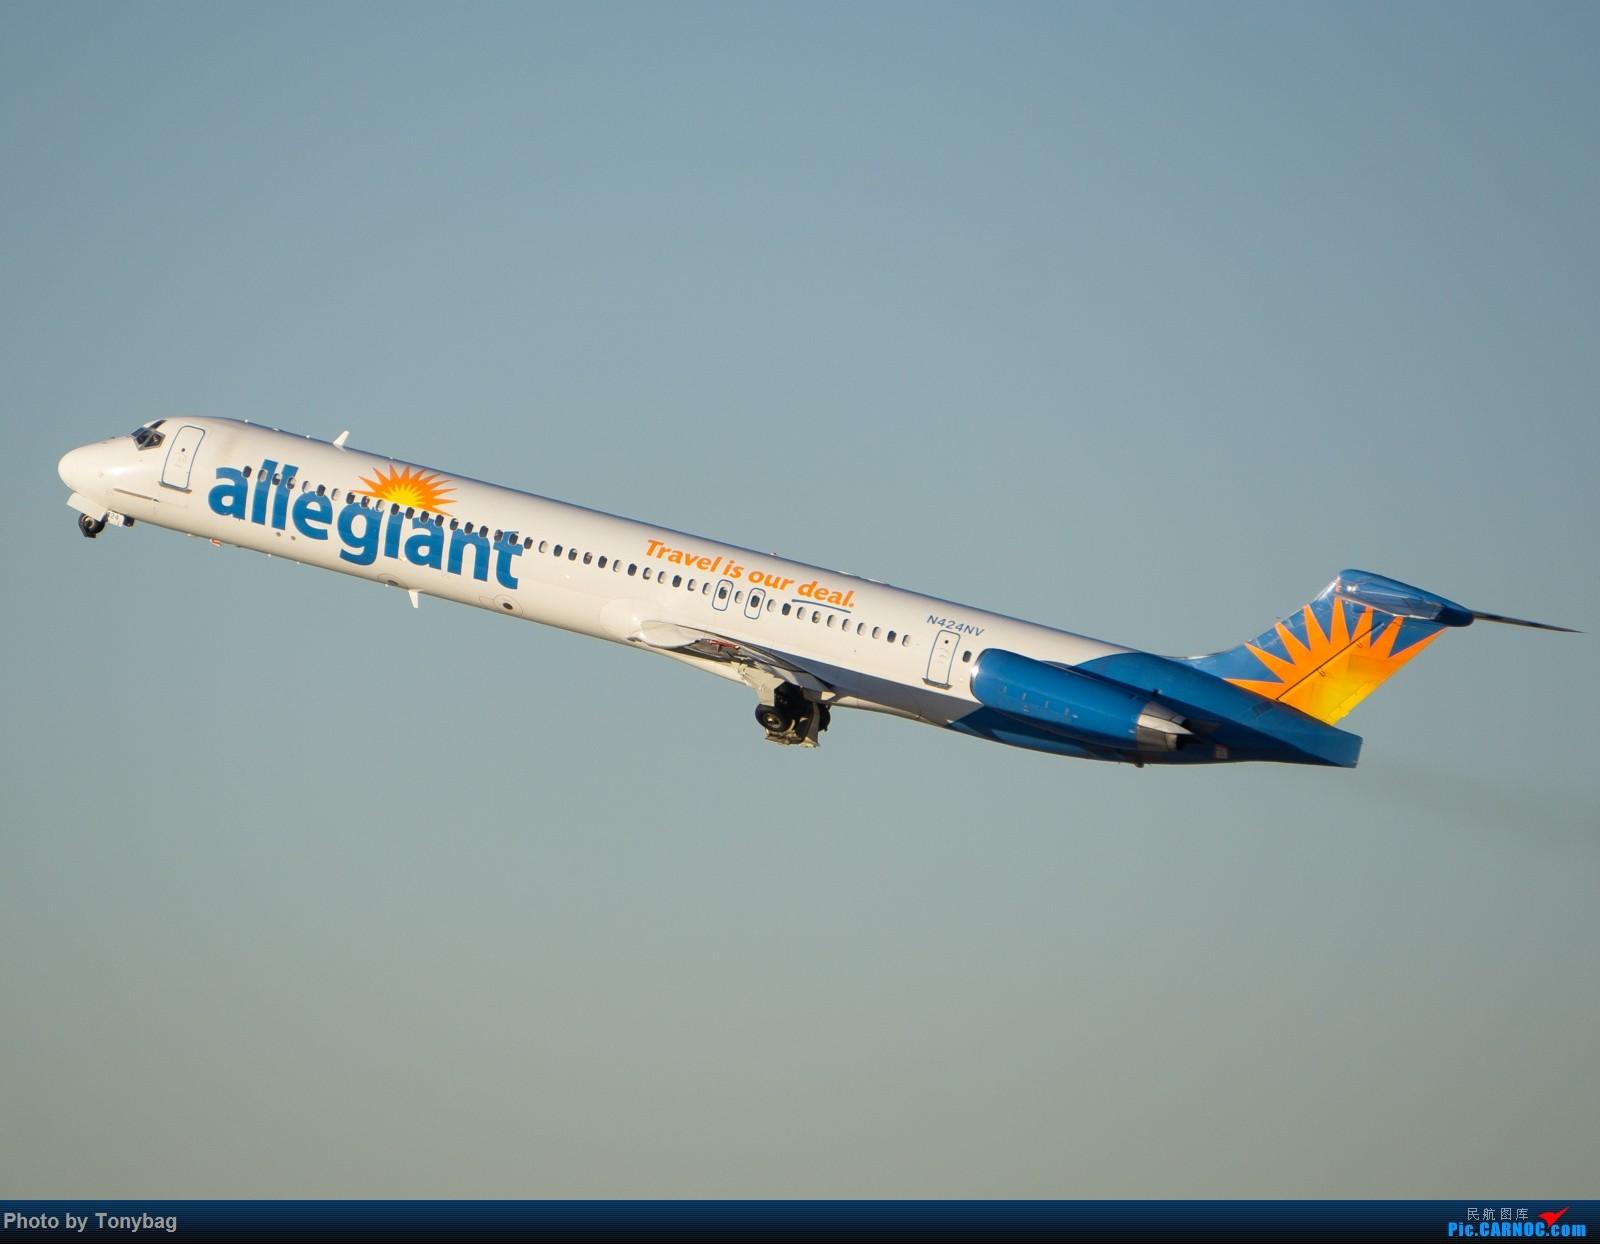 Re:[原创]【LAS】美廉航忠实航空老飞机 MD MD-80-83 N424NV 拉斯维加斯麦卡伦国际机场